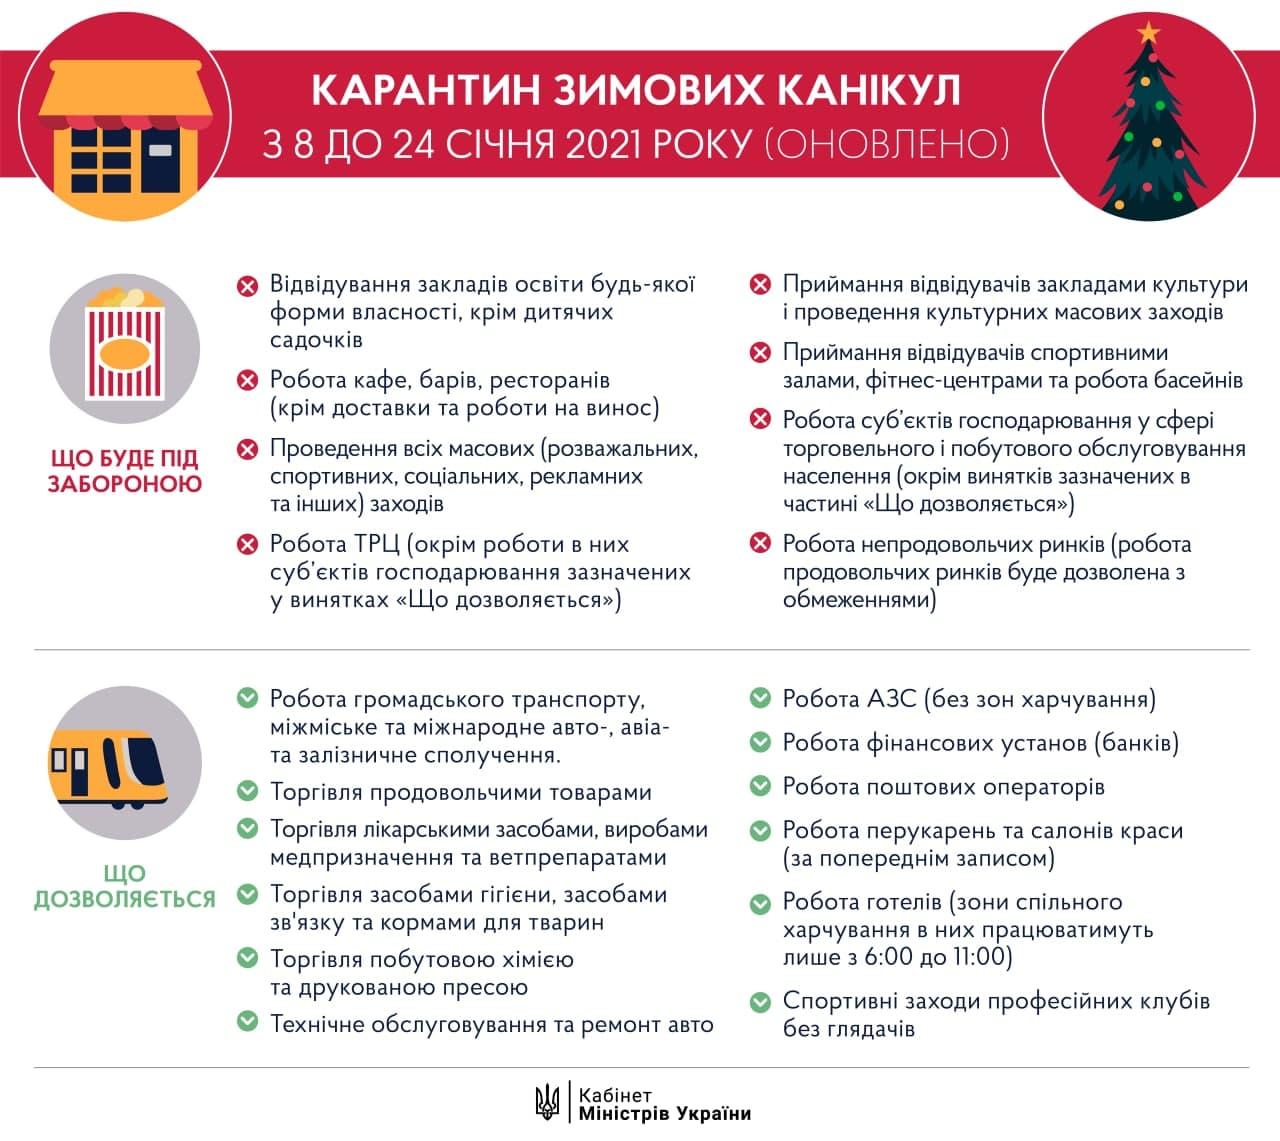 Локдаун в Украине вступил в силу: что разрешено